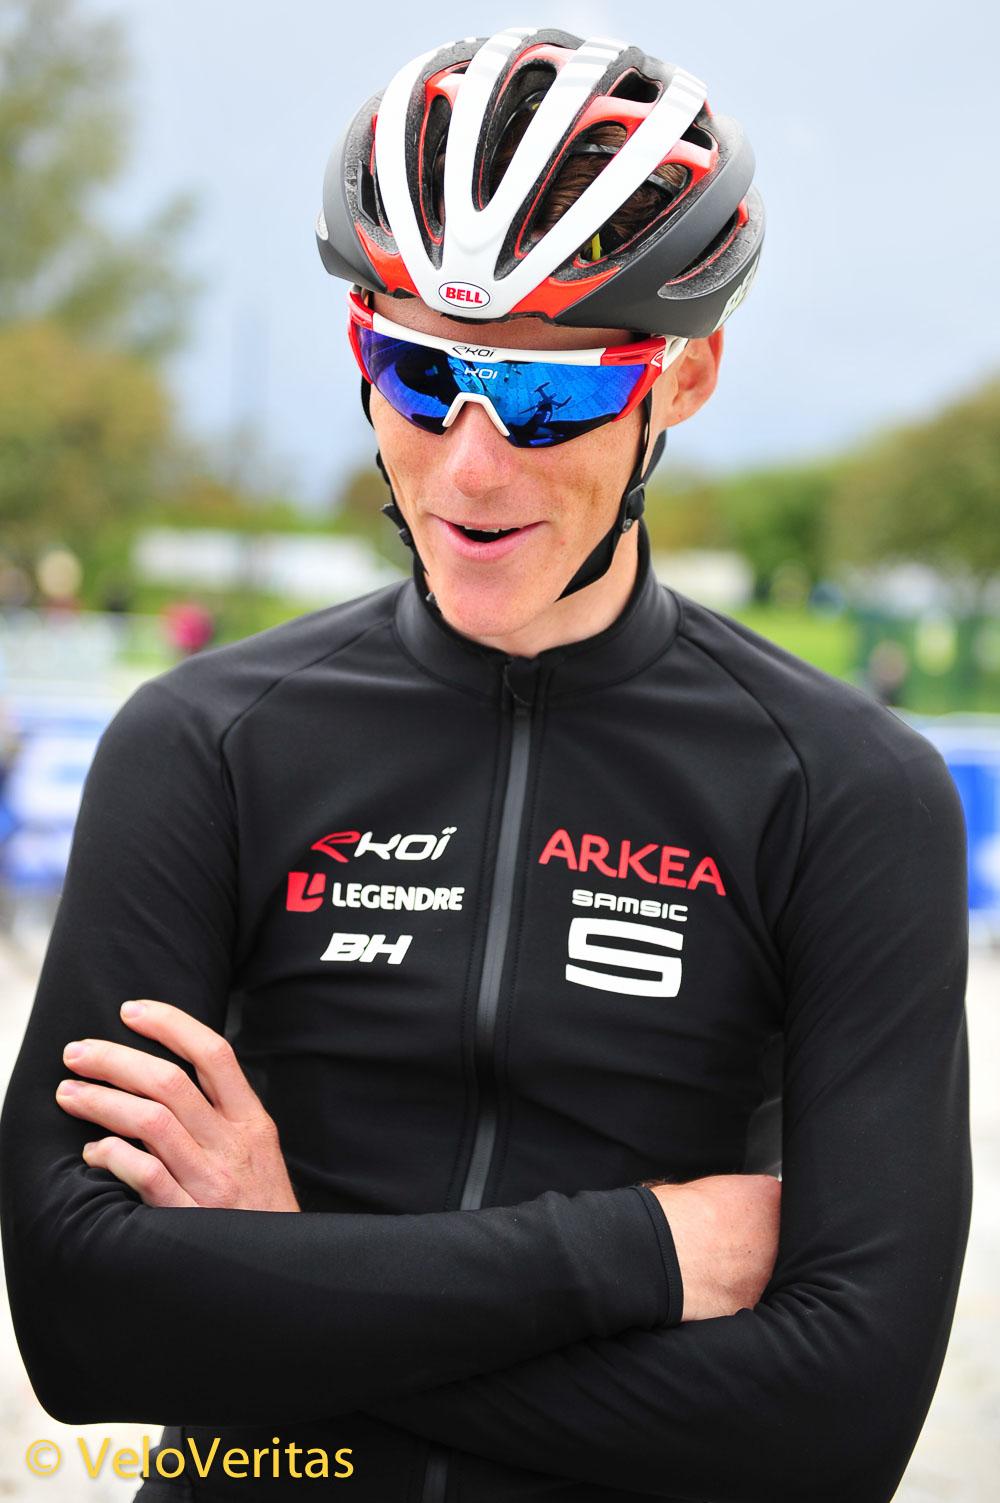 Nils Eeekhoff